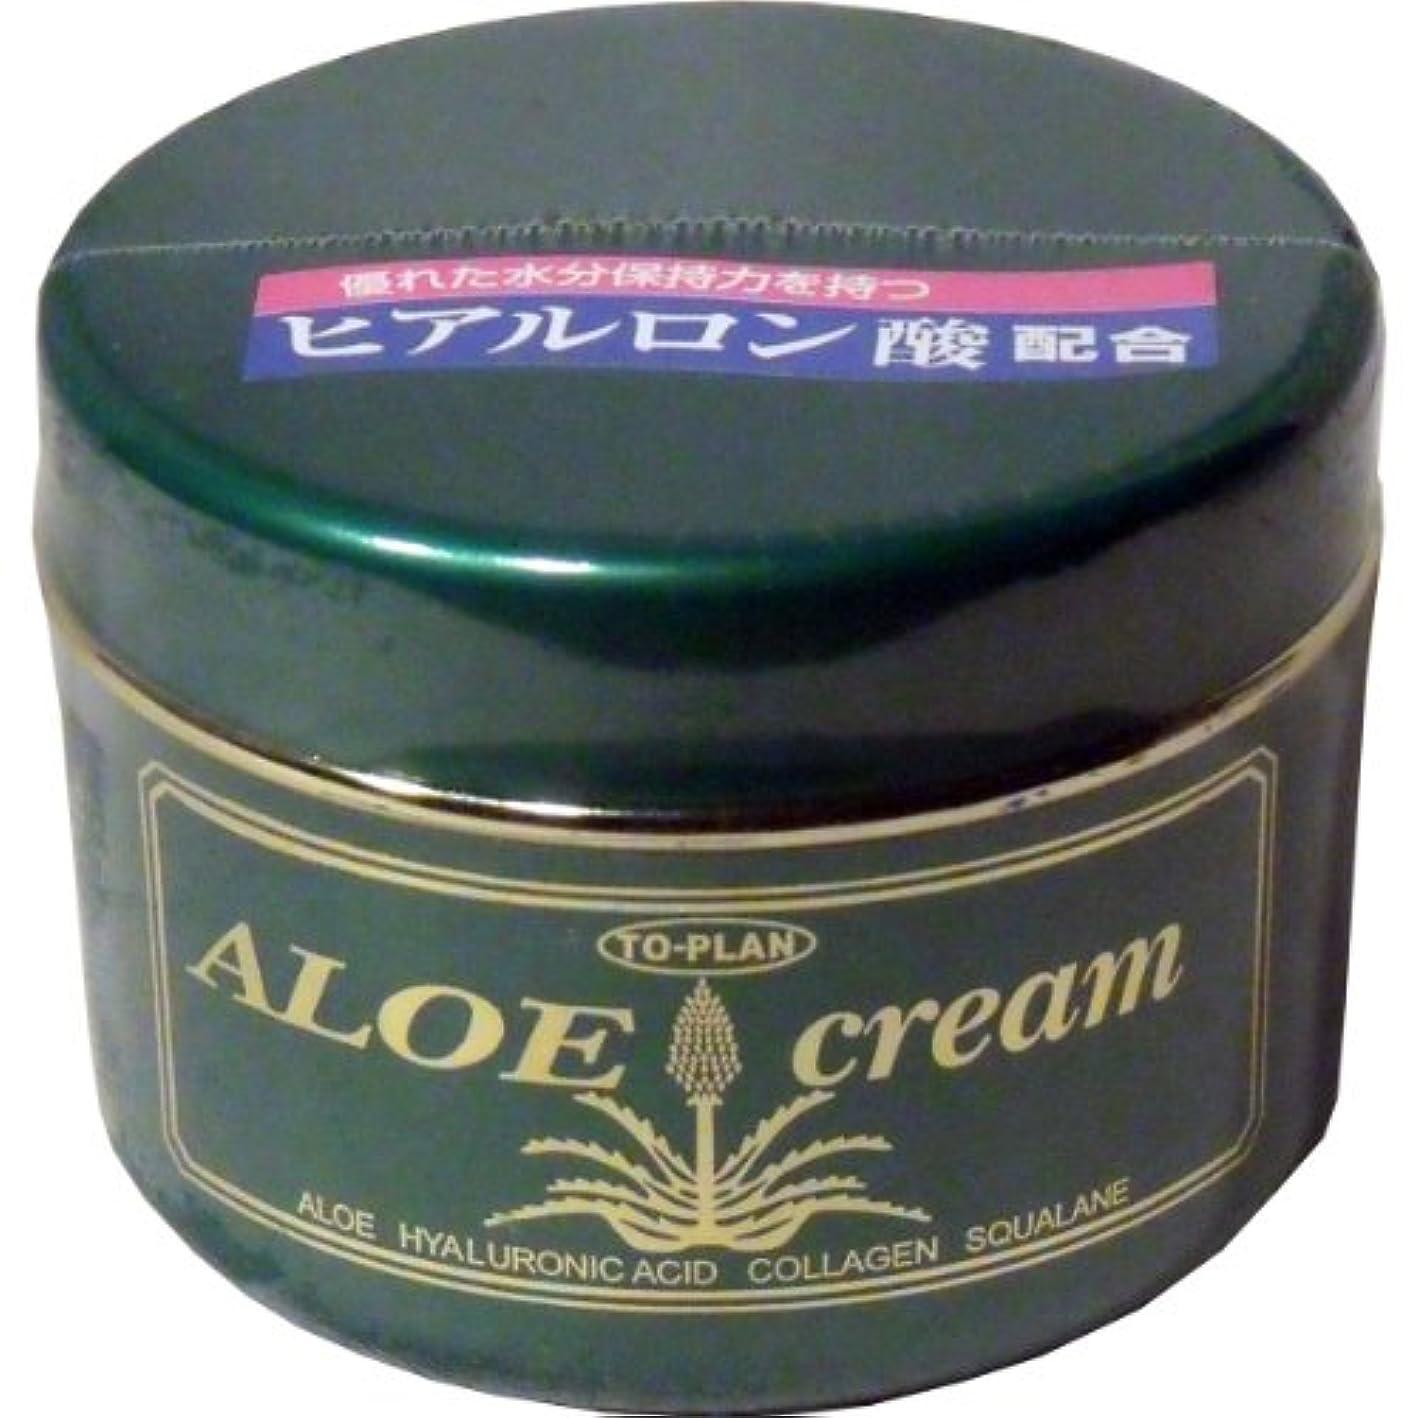 潮細心のリスクトプラン ハーブフレッシュクリーム(アロエクリーム) ヒアルロン酸 170g